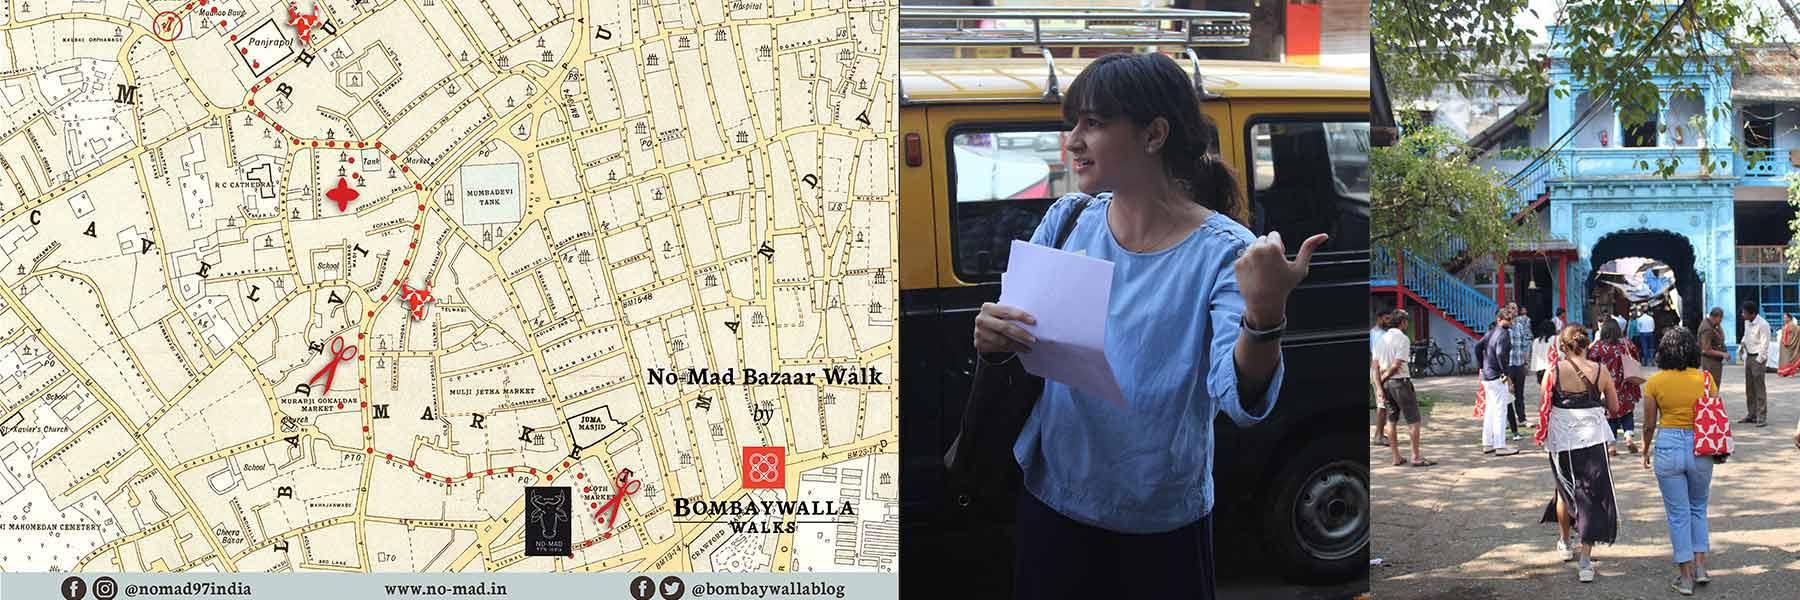 nomad-india-miss-bombaywalla-bazaar-walk